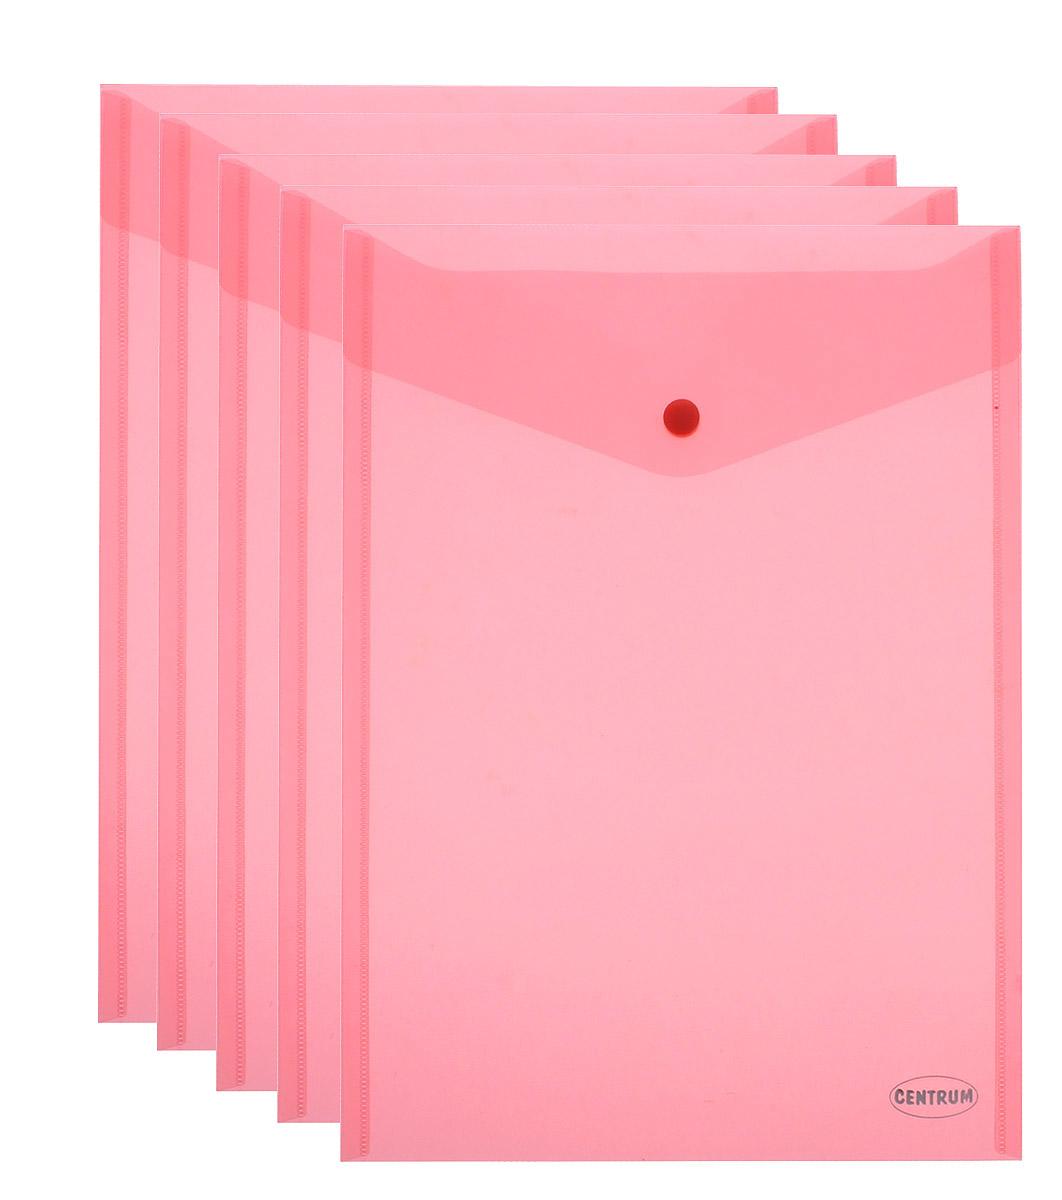 Centrum Папка-конверт на кнопке цвет коралловый формат А4 5 штFS-36052Папка-конверт на кнопке Centrum - это удобный и функциональный офисный инструмент, предназначенный для хранения и транспортировки рабочих бумаг и документов формата А4. Папка изготовлена из полупрозрачного пластика, закрывается клапаном на кнопке. Вместимость папки - 250 листов. В комплект входят 5 папок разных цветов формата A4. Папка-конверт - это незаменимый атрибут для студента, школьника, офисного работника. Такая папка надежно сохранит ваши документы и сбережет их от повреждений, пыли и влаги.